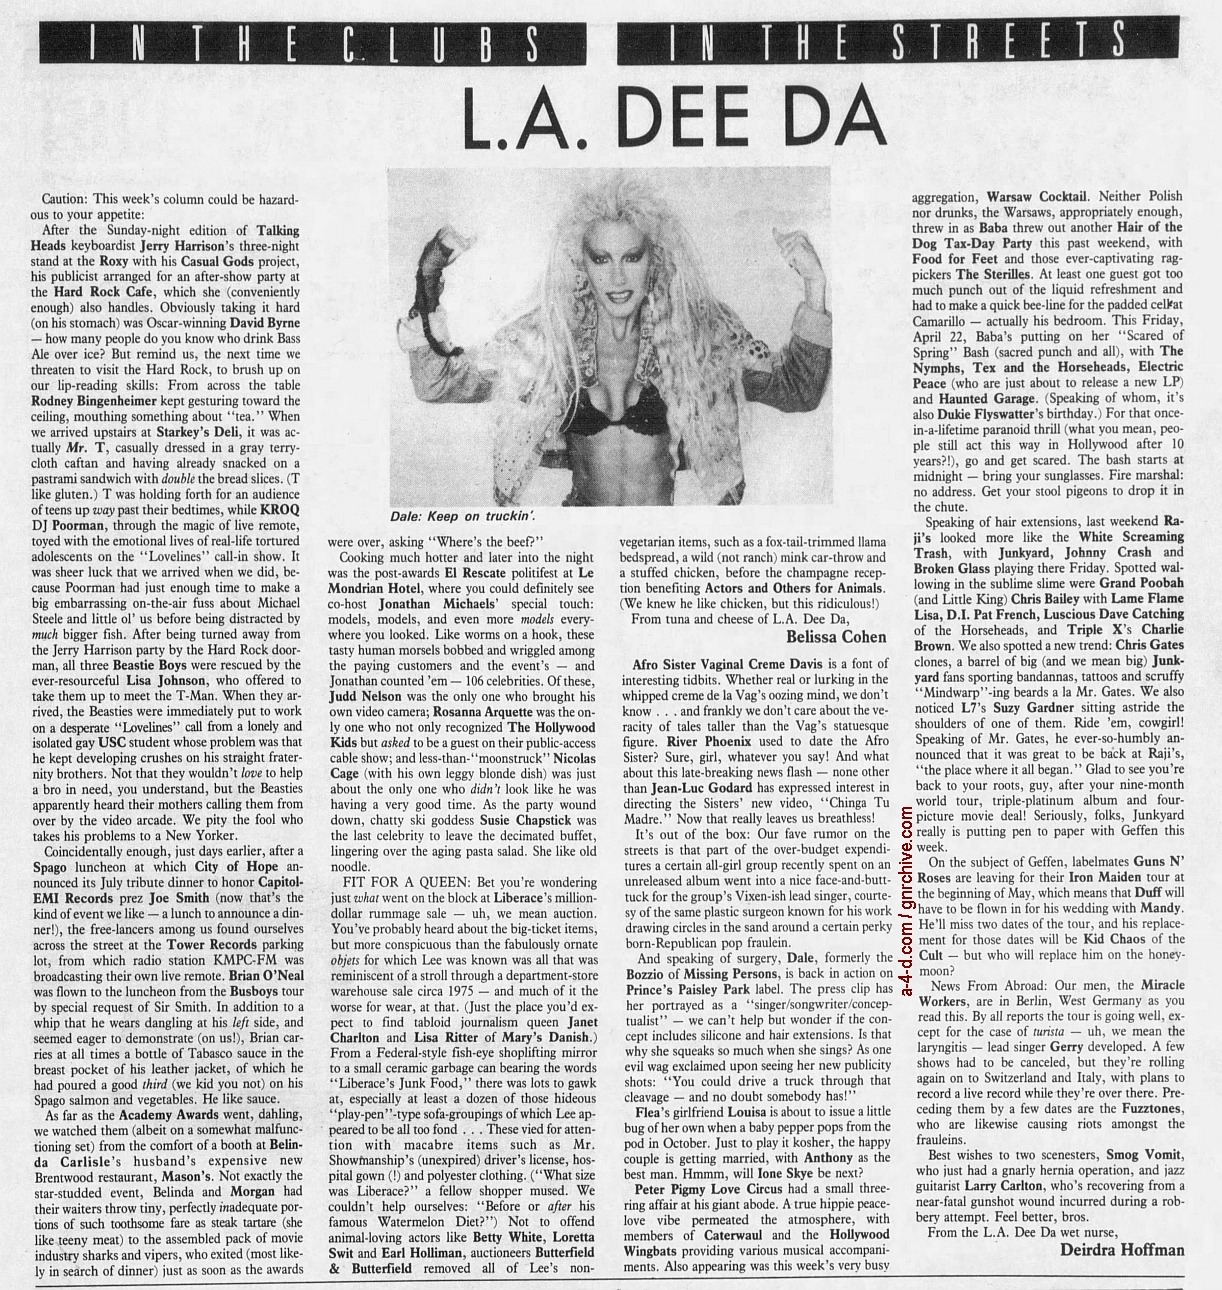 1988.04.22 - L.A. Weekly - L.A. Dee Da (Duff) 1988_082